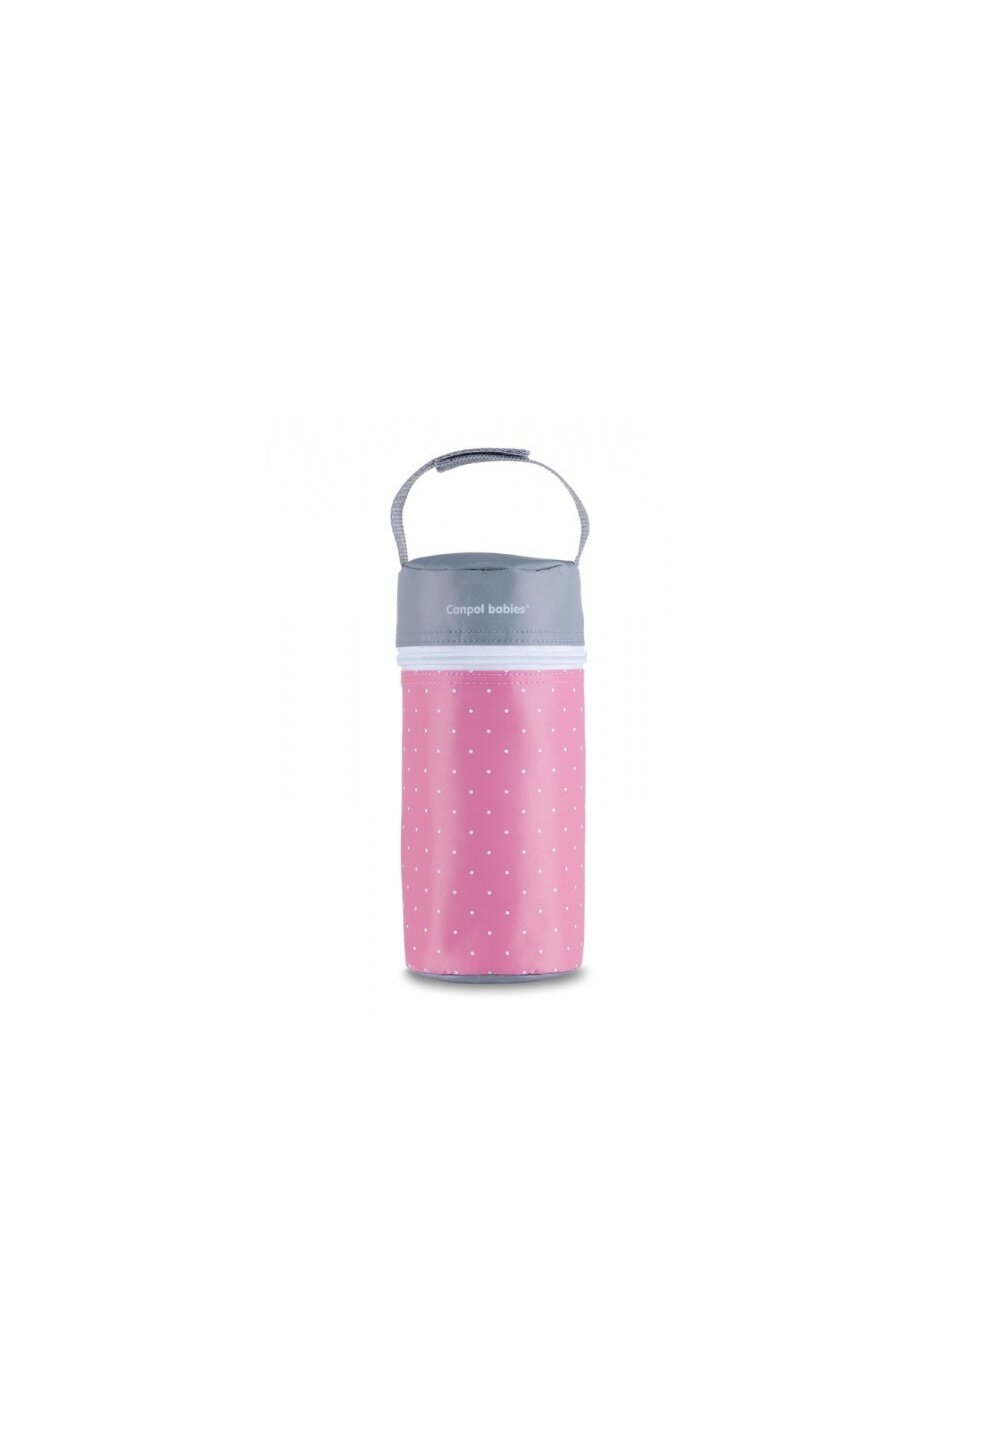 Izolator pentru biberoane, roz cu buline albe imagine